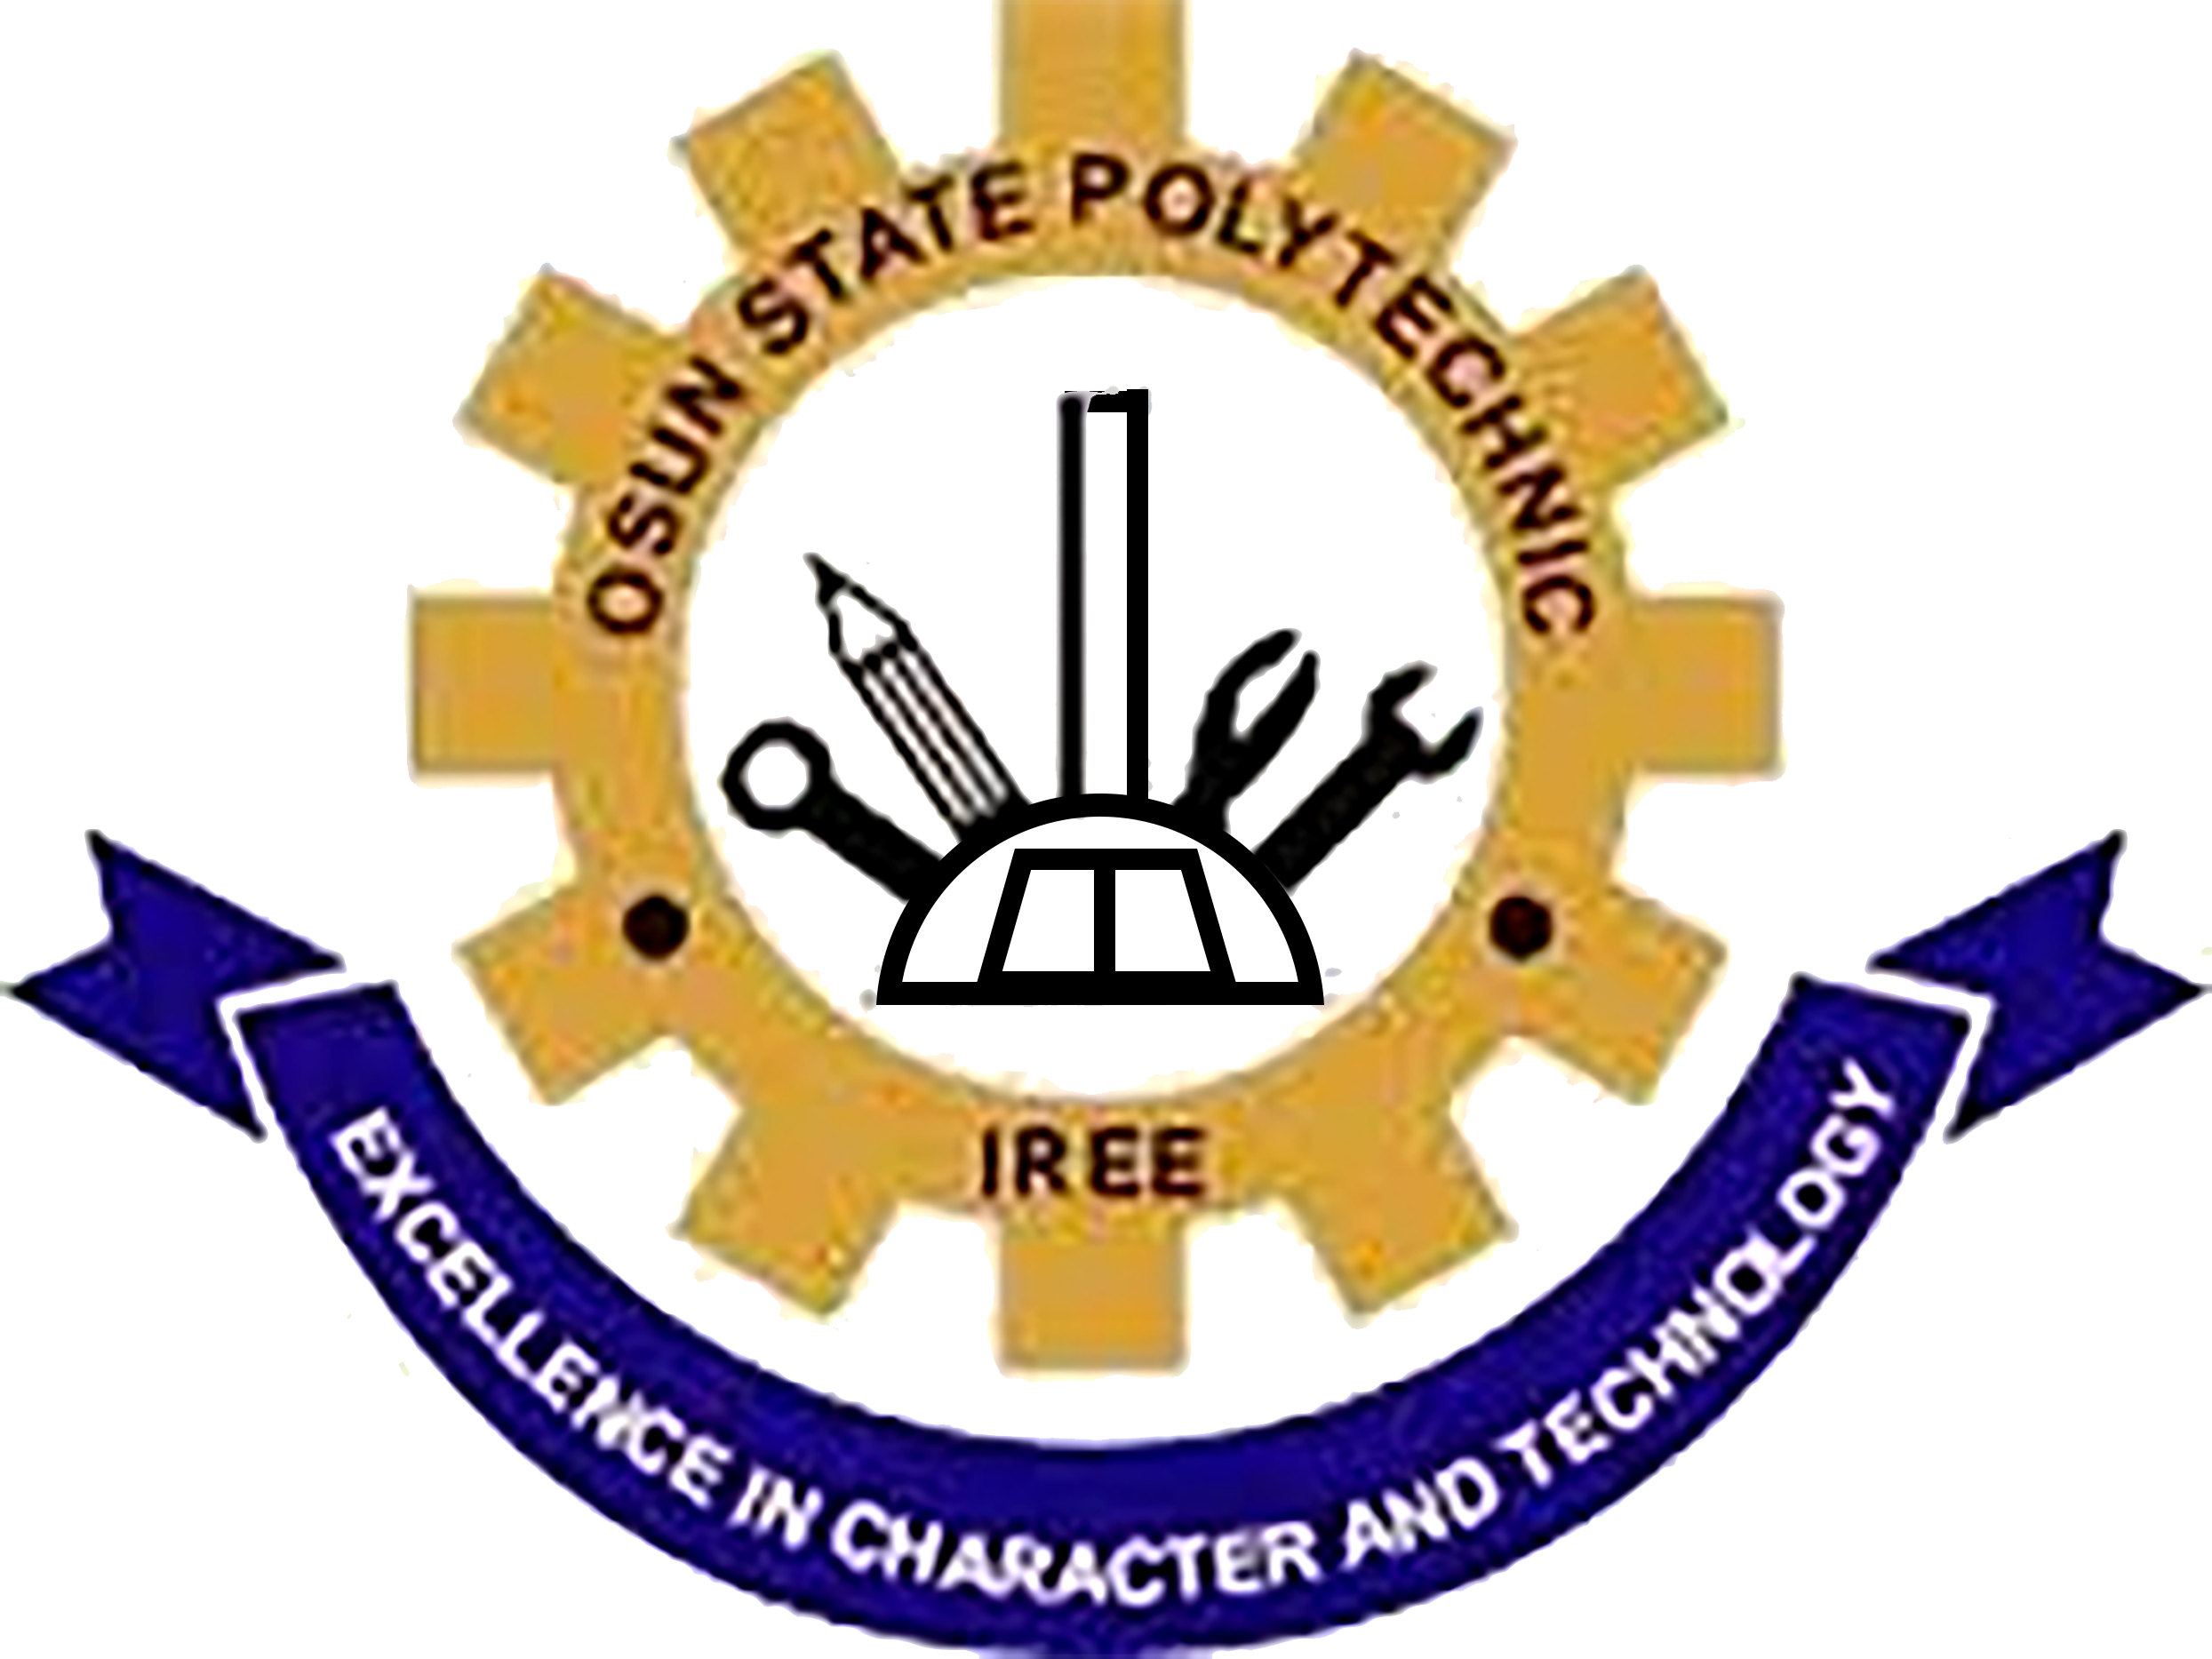 Iree poly logo